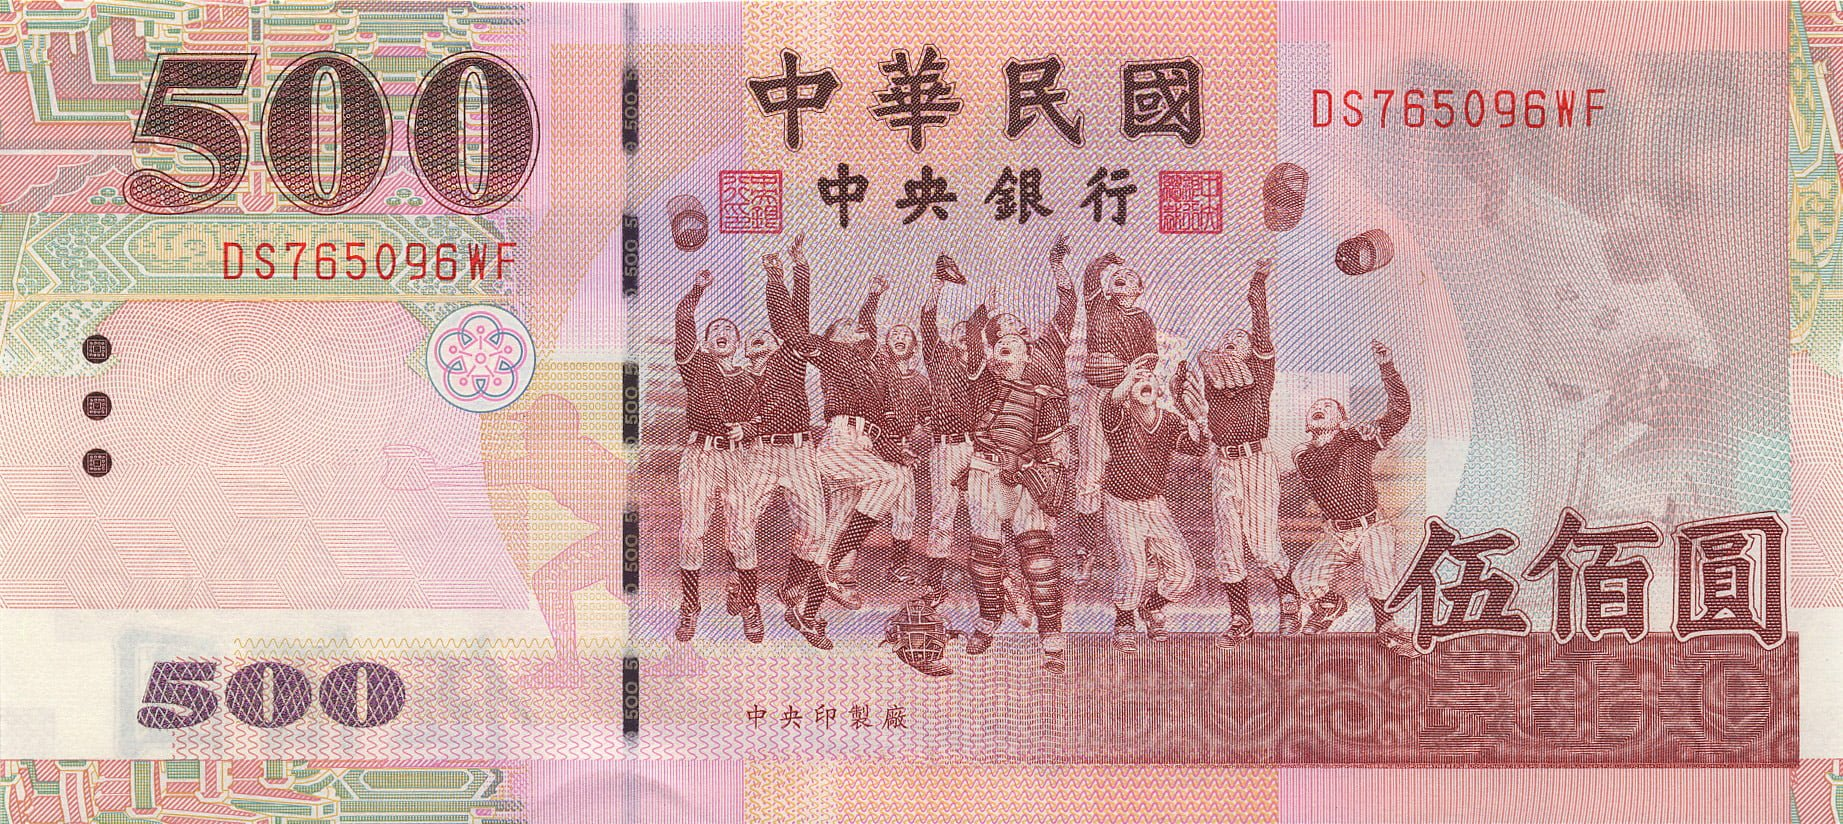 新臺幣 50, 100, 200, 500, 1000, 2000 圓各式紙鈔